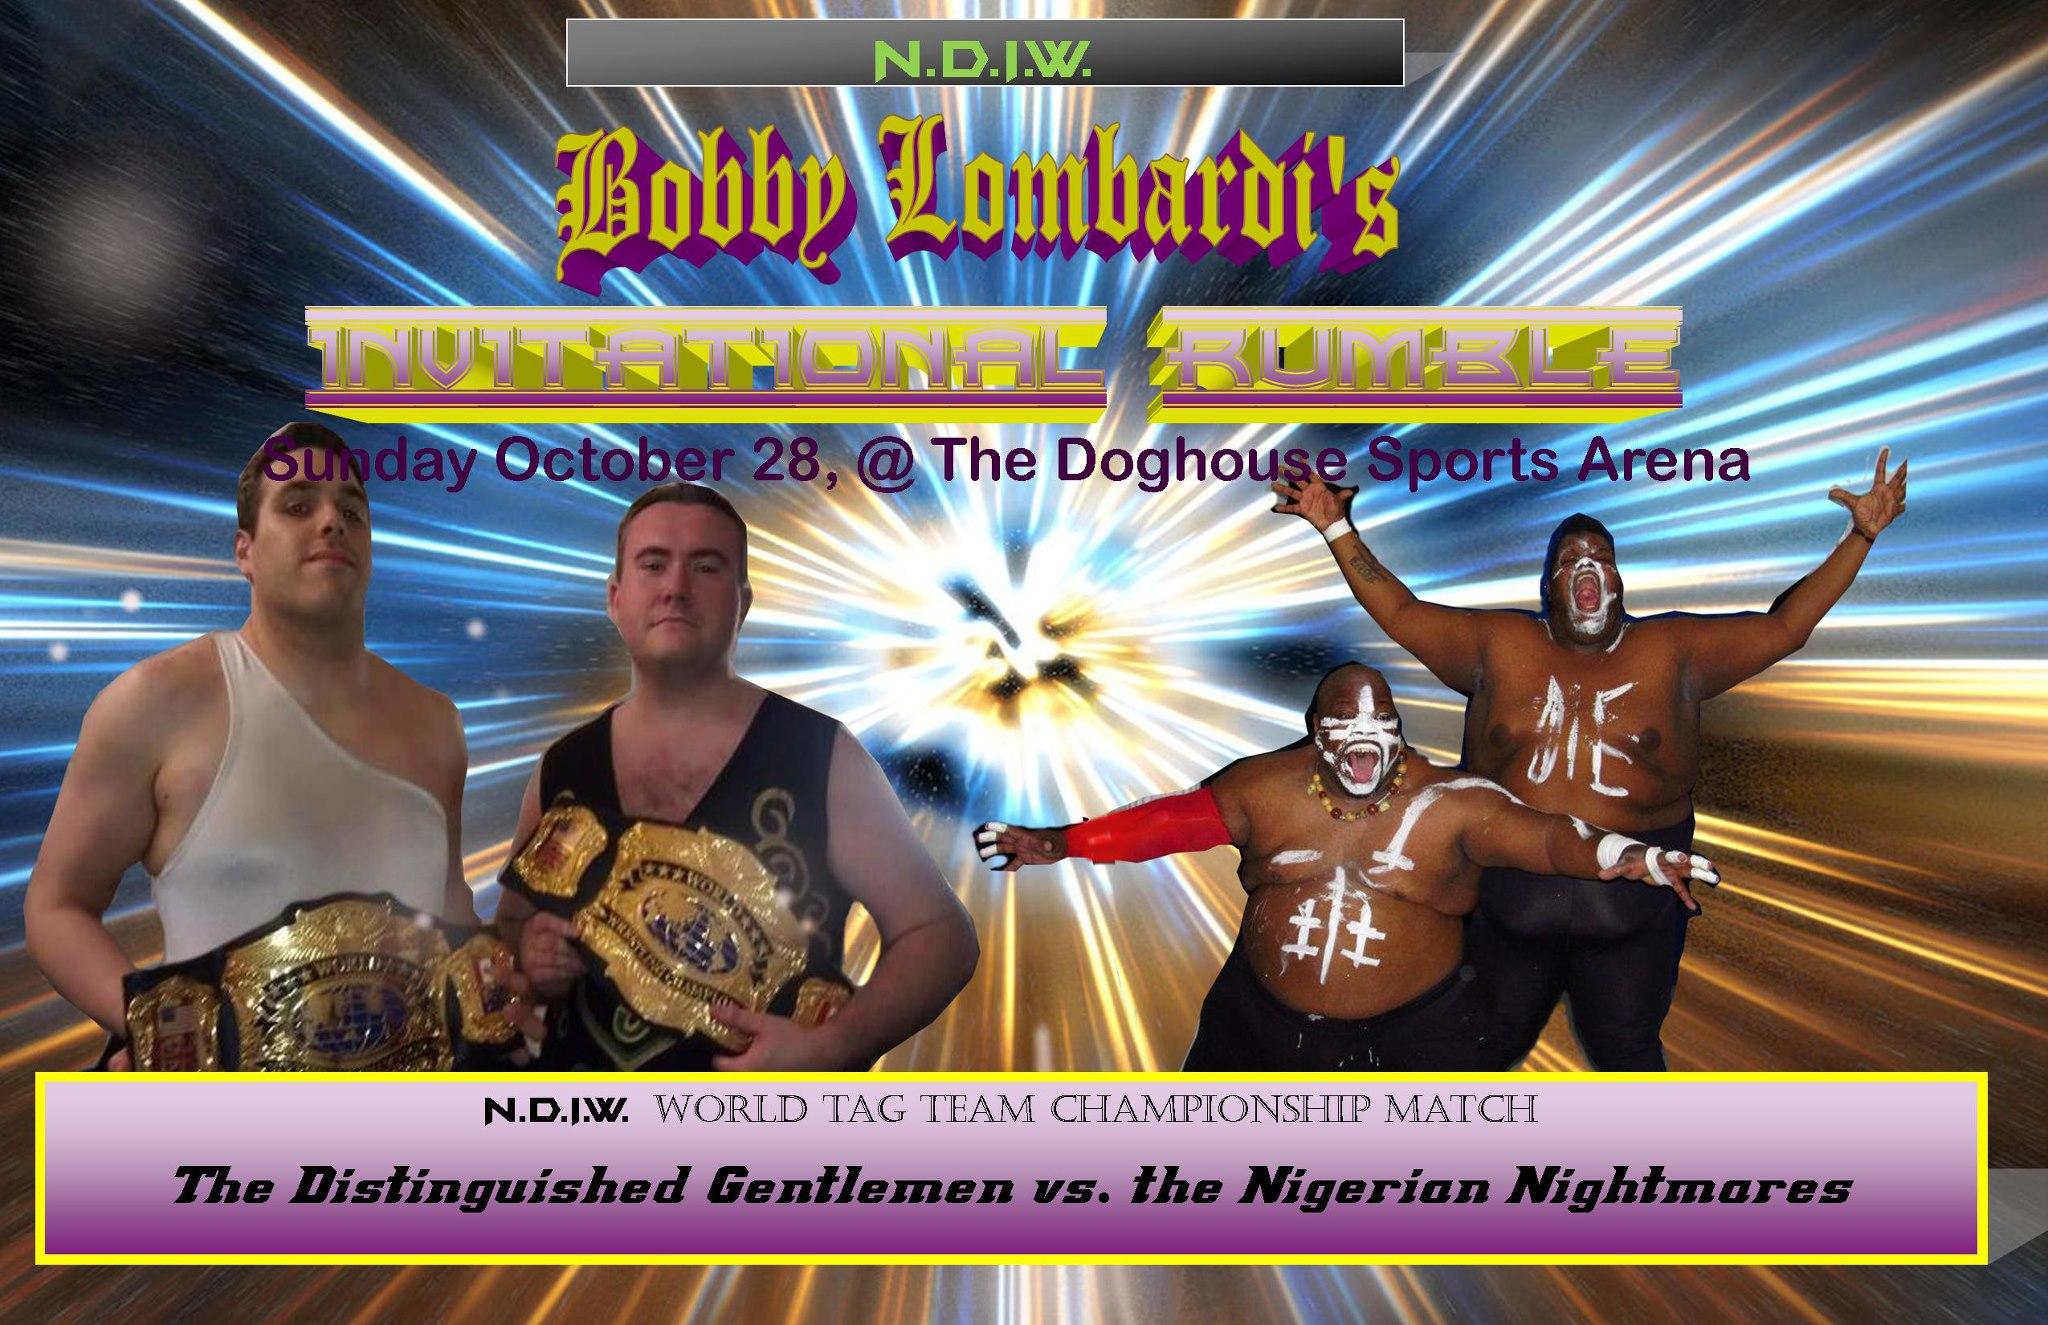 Distinguished Gentlemen vs Nigerian Nightmares